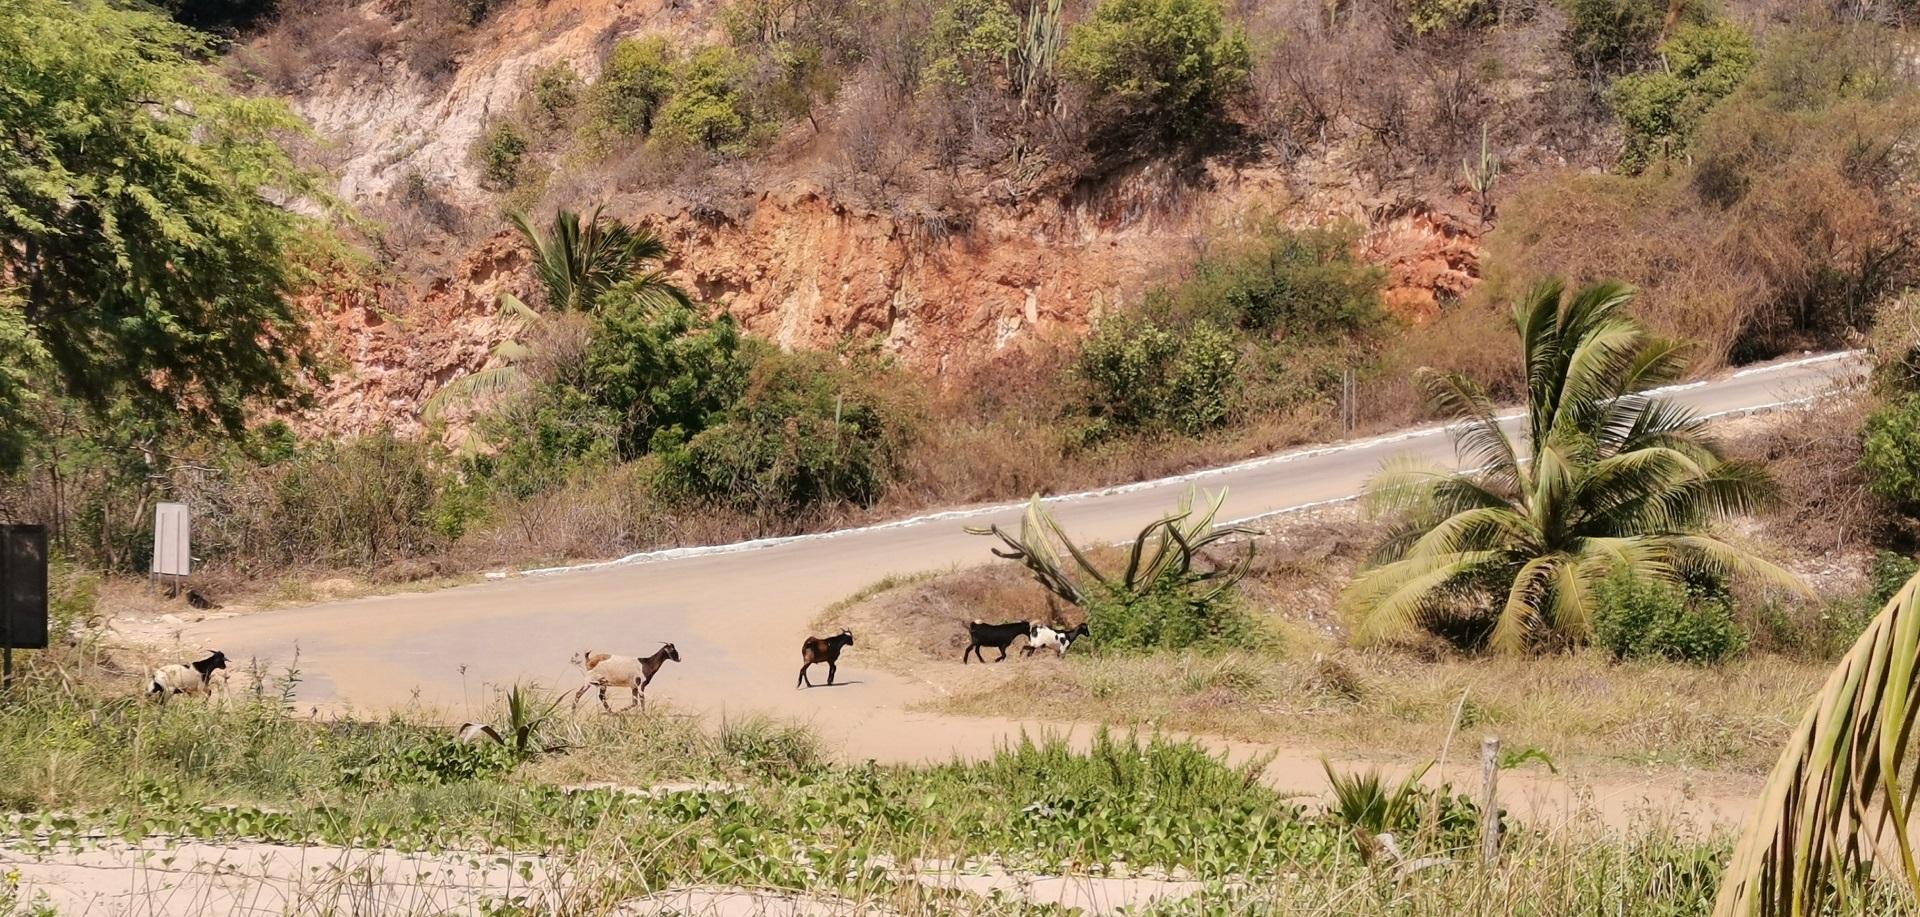 Brazilijoje daug natūralios gamtos, mažai prabangos, žmogaus įsikišimo. / Asmeninio archyvo nuotr.